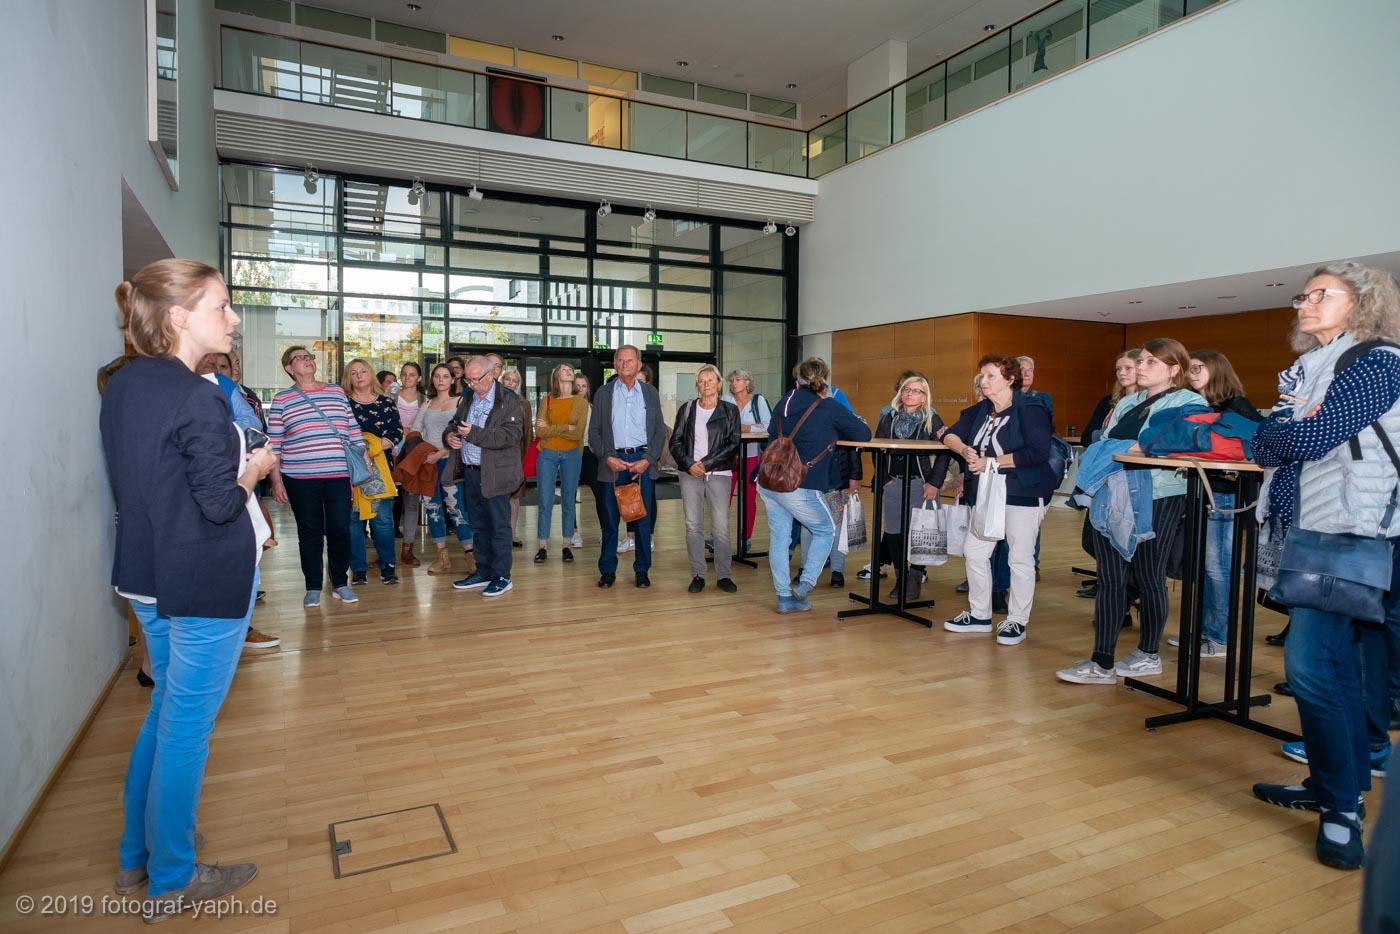 Berlin Landesvertretung Rheinland-Pfalz mit Besuchergruppe